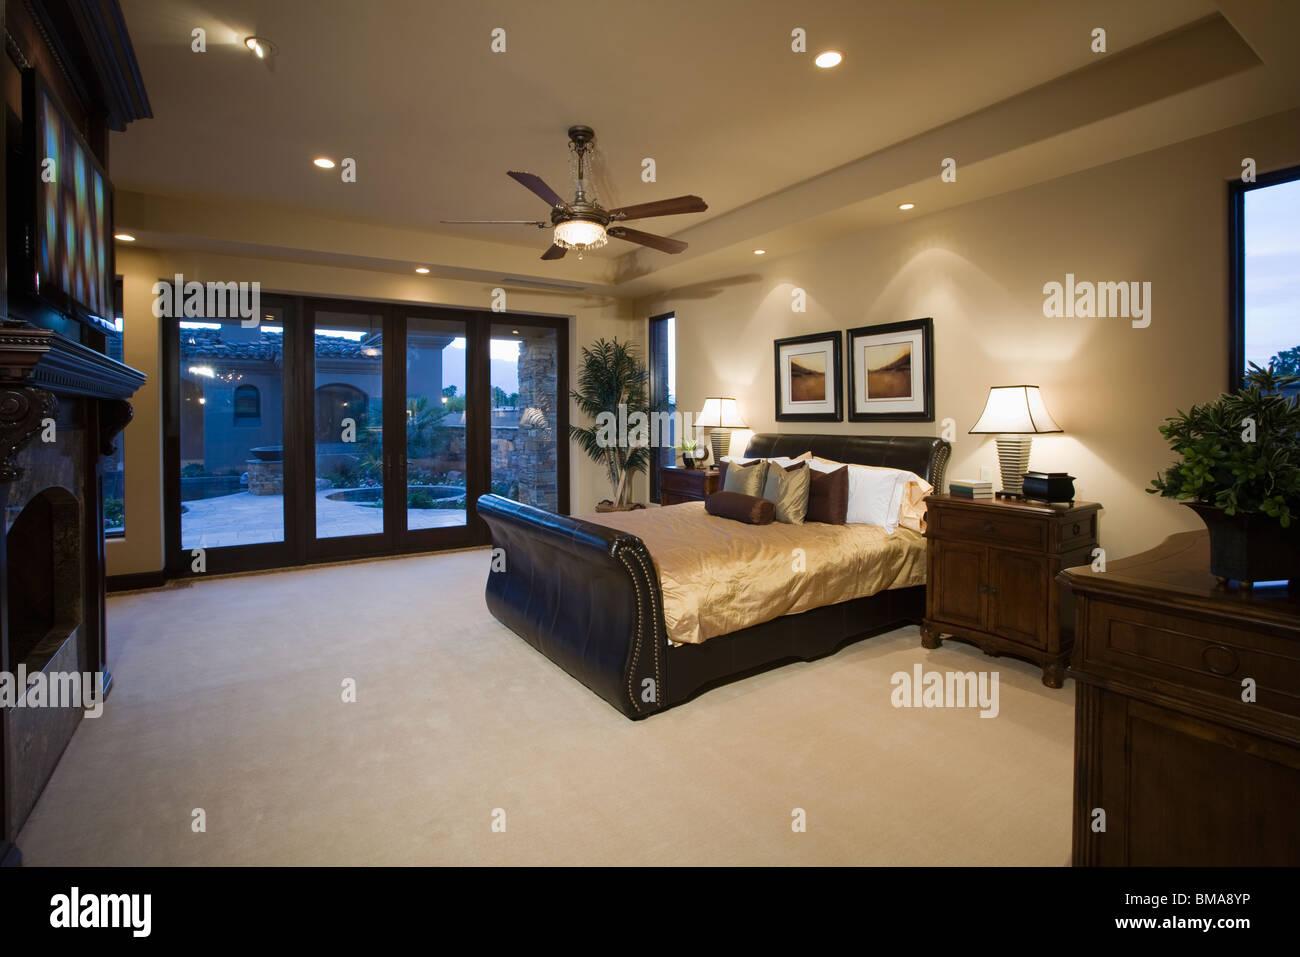 darkwood bedroom furniture. Dark Wood Furniture In Bedroom With Ceiling Fan Darkwood C